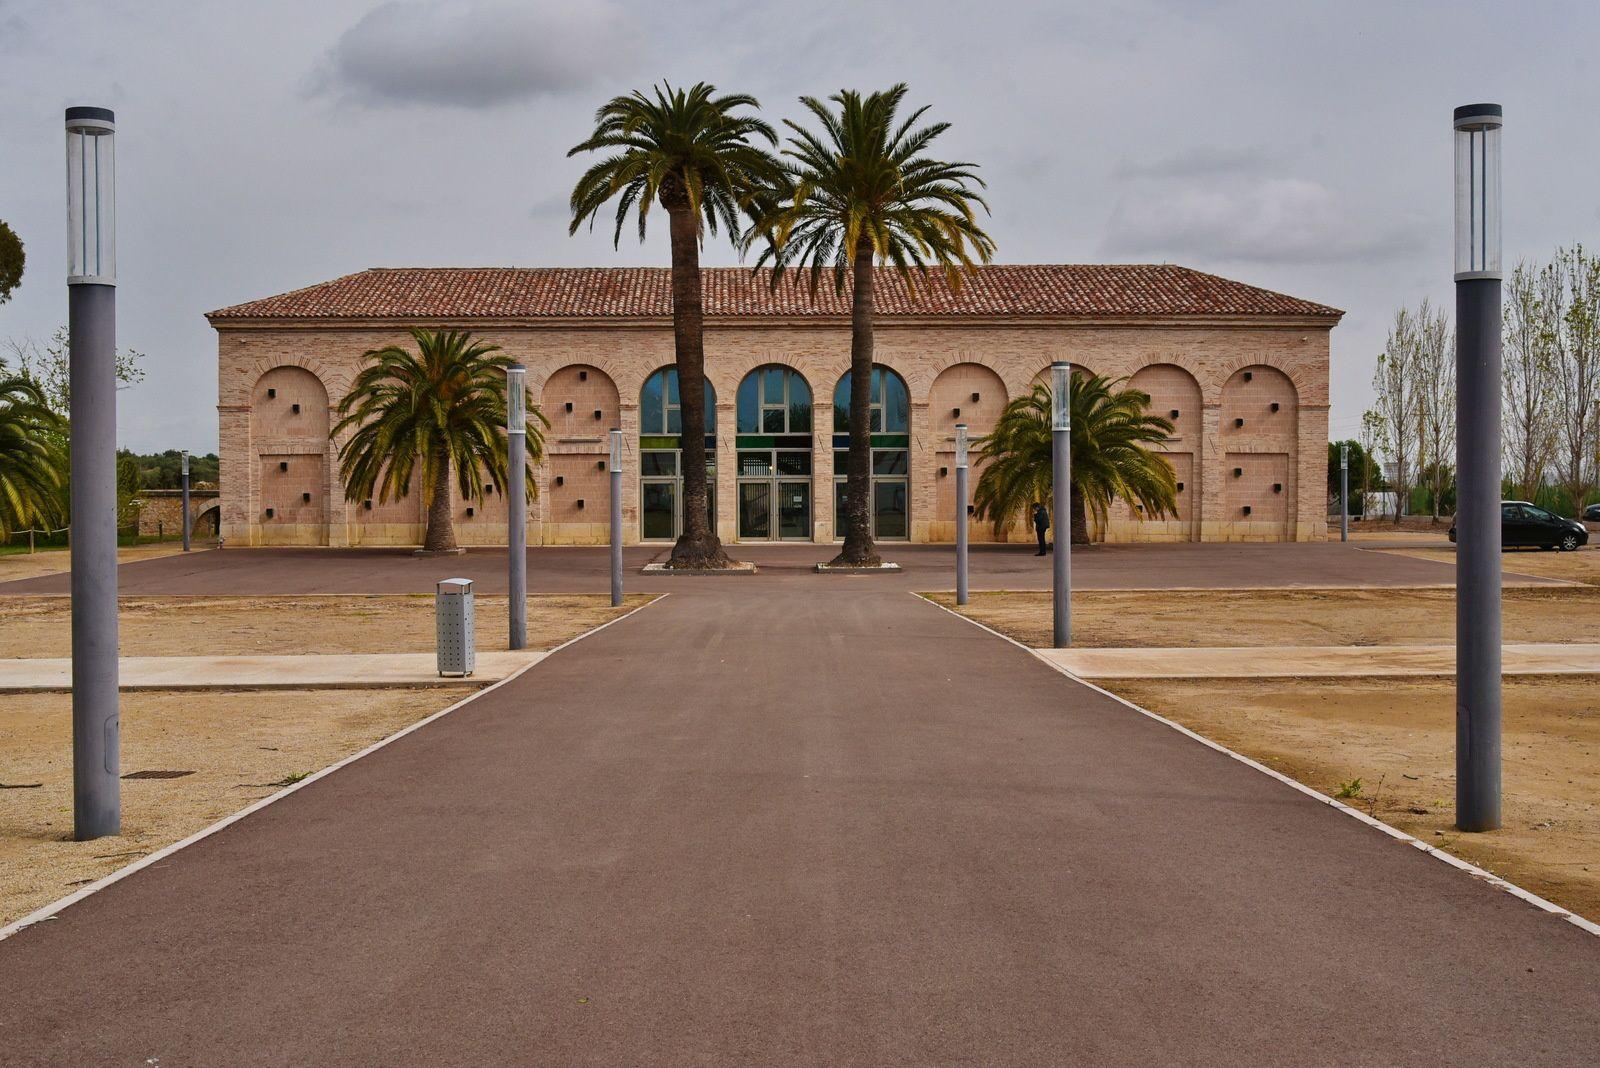 Le musée de la mer de St Carles de la Ràpita (Photos Bm34 & Fcn, avril 2019)